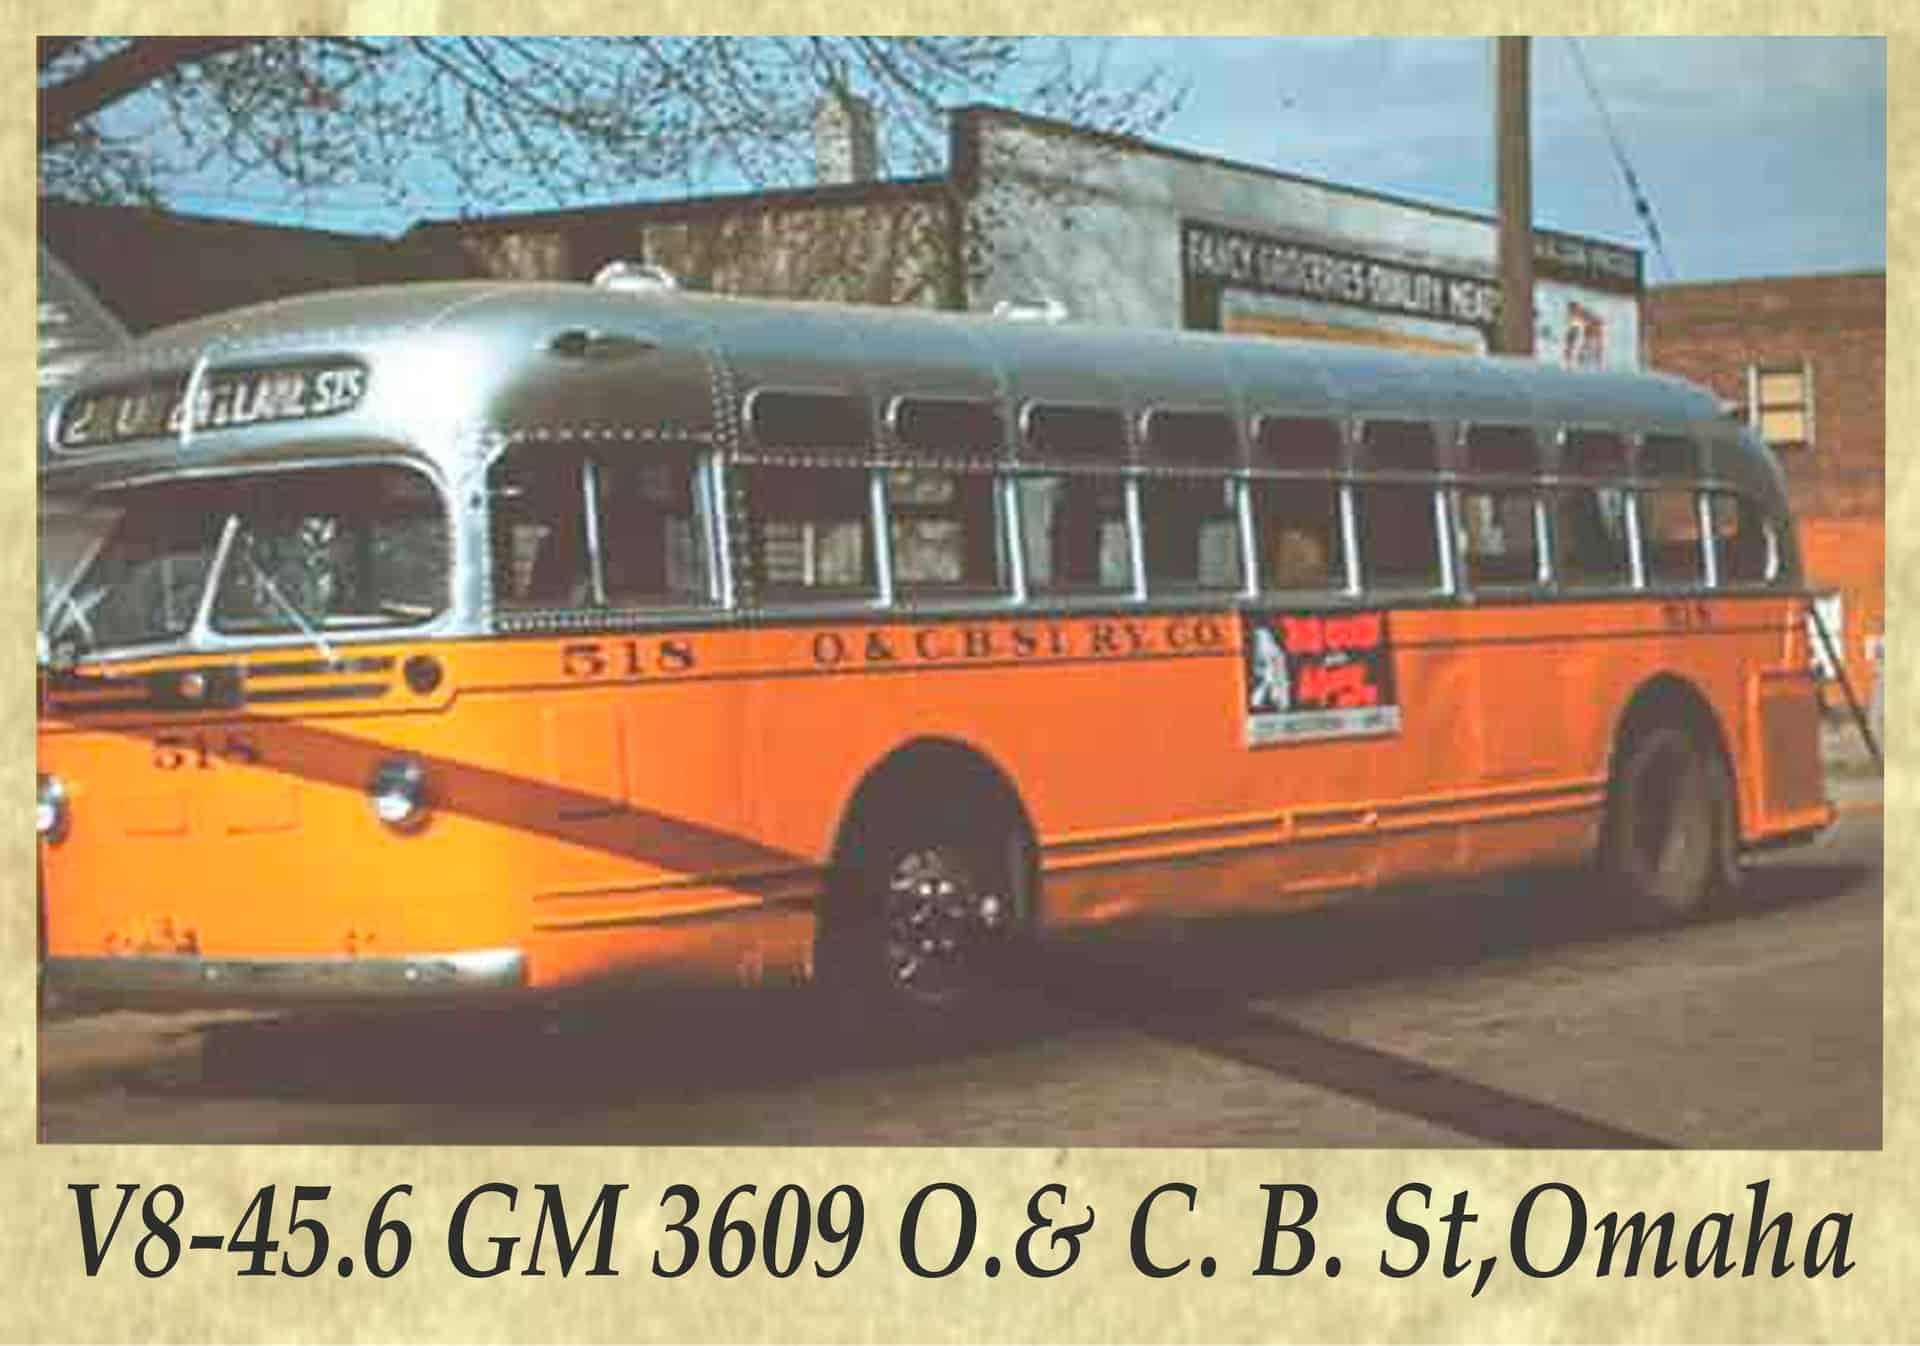 V8-45.6 GM 3609 O.& C. B. St,Omaha